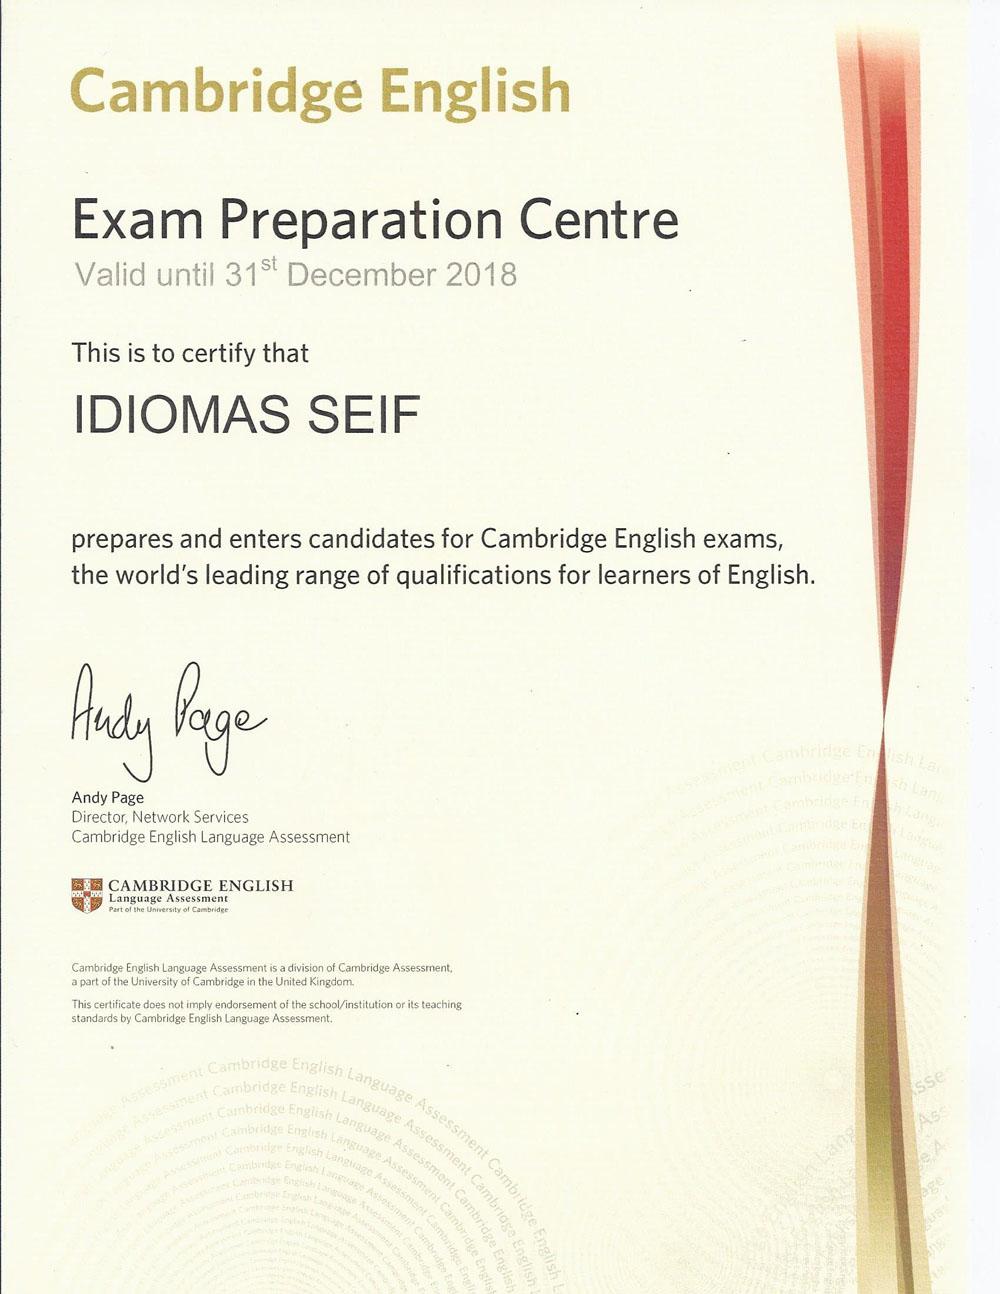 seif centro oficial examenes cambridge